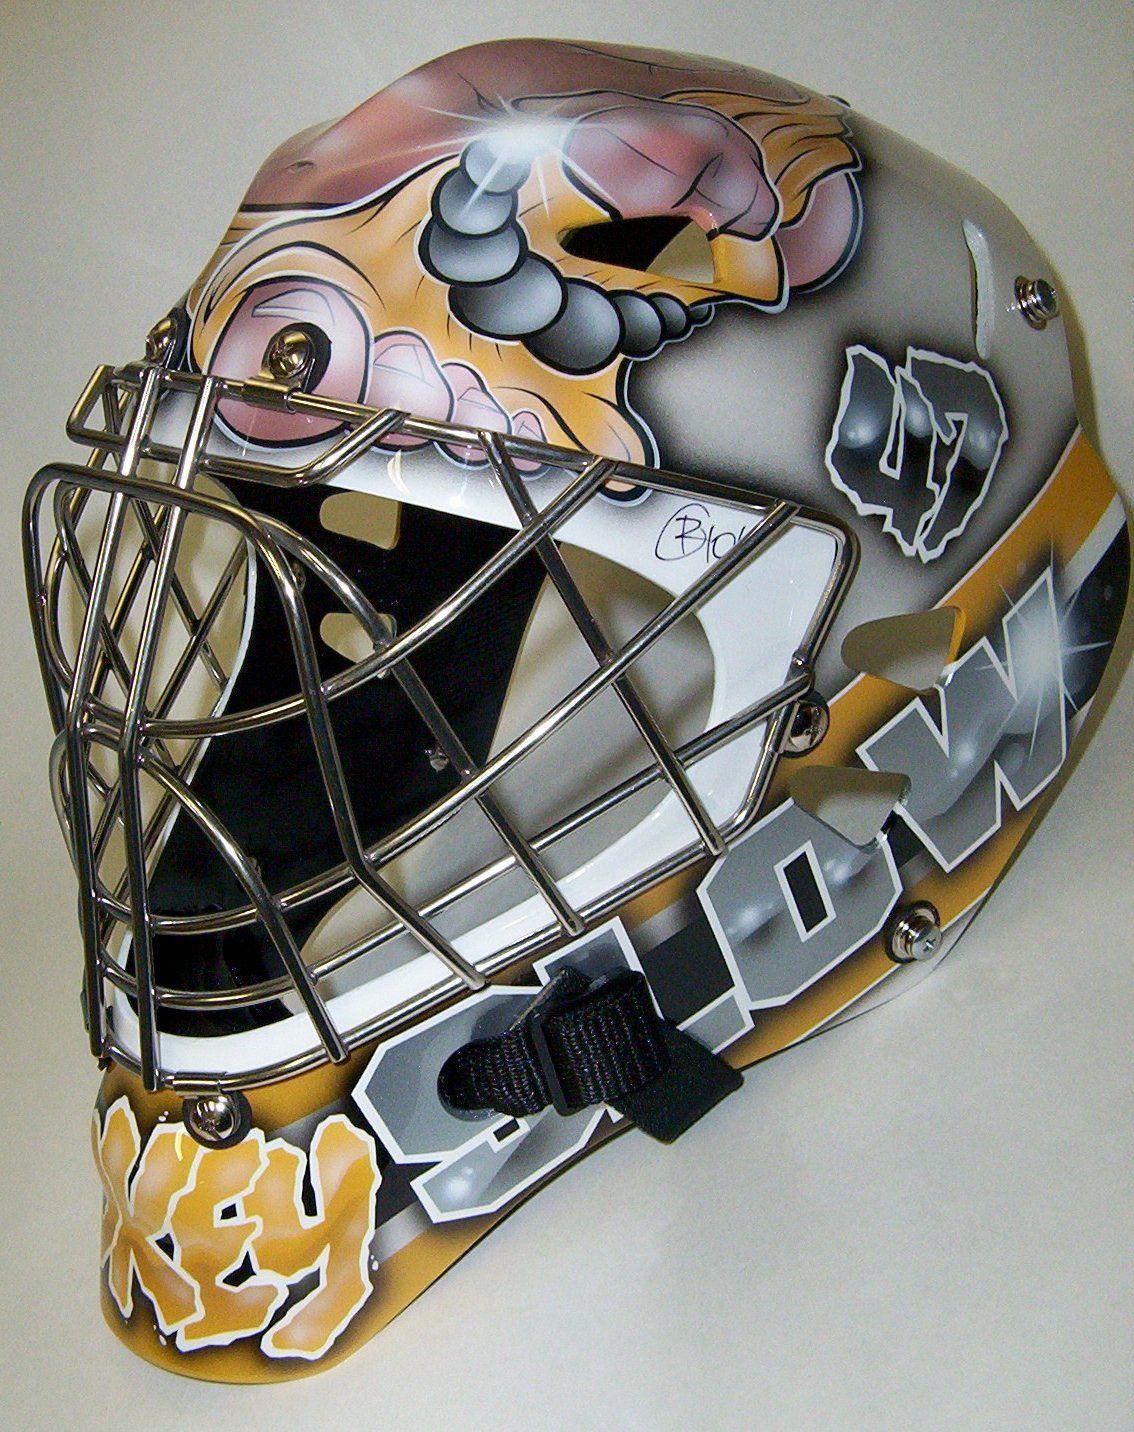 Custom painted mask by ron stefaniuk of httpcovetedmask